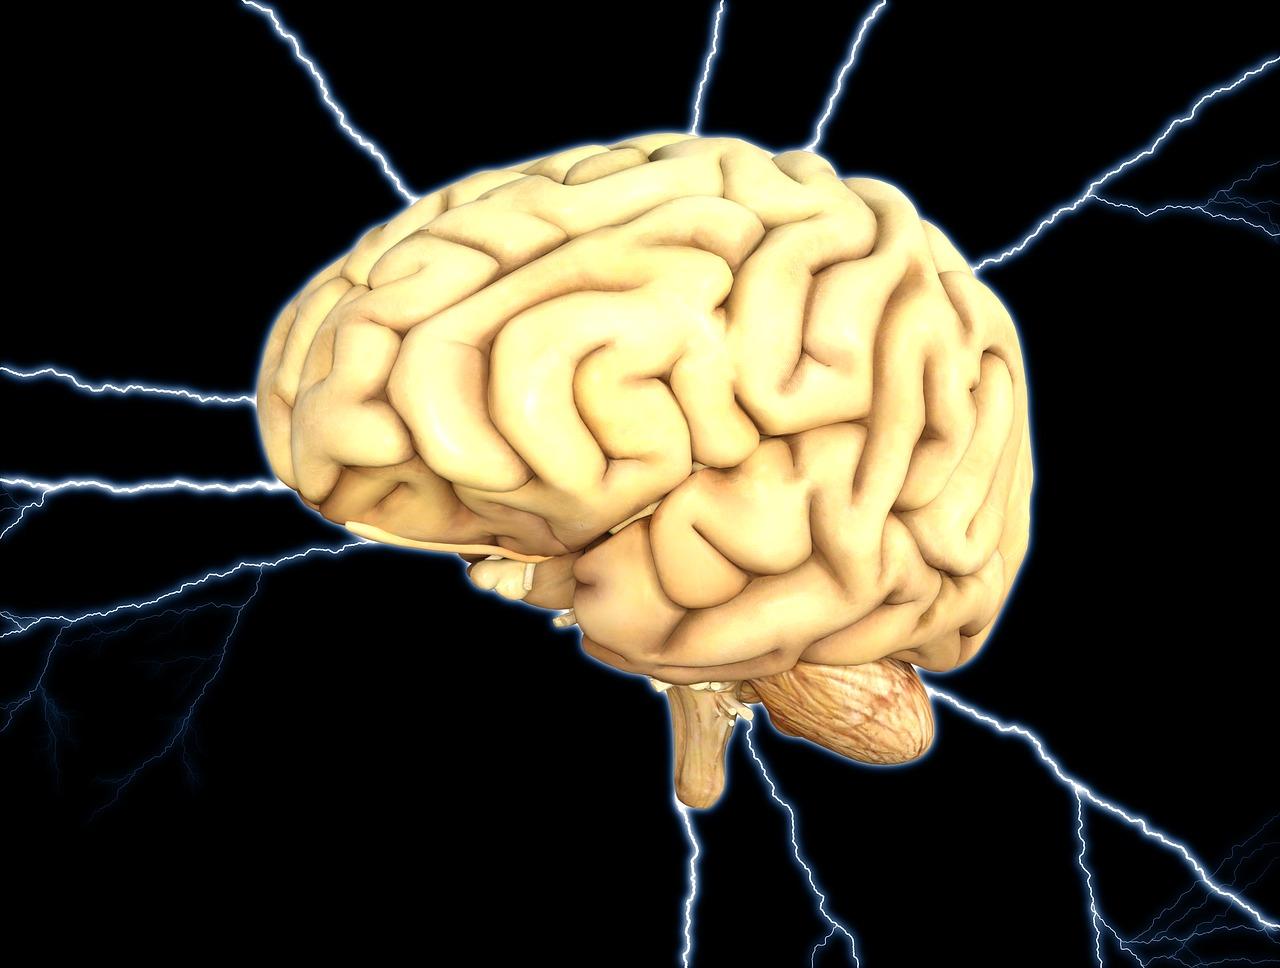 「依存症」を発症させる脳の仕組み